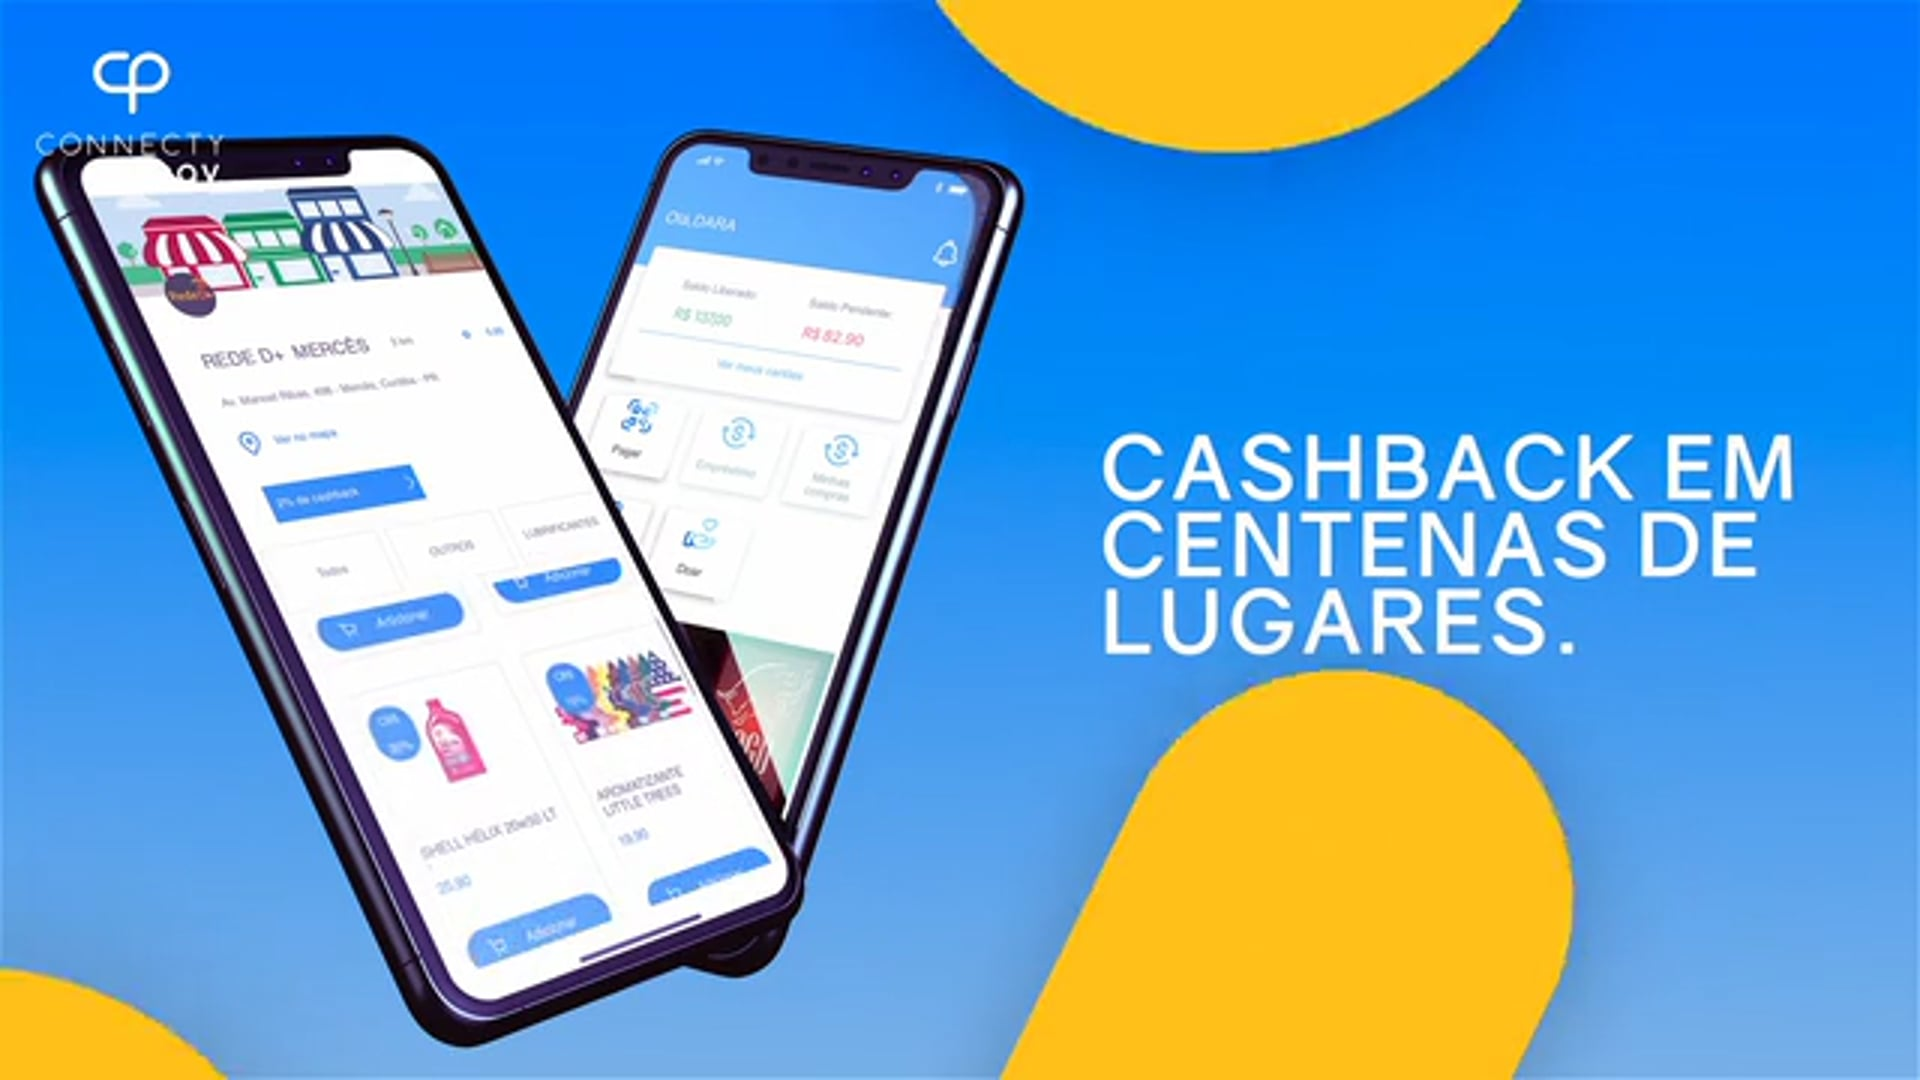 Connecty Pay - Aplicativo 2020